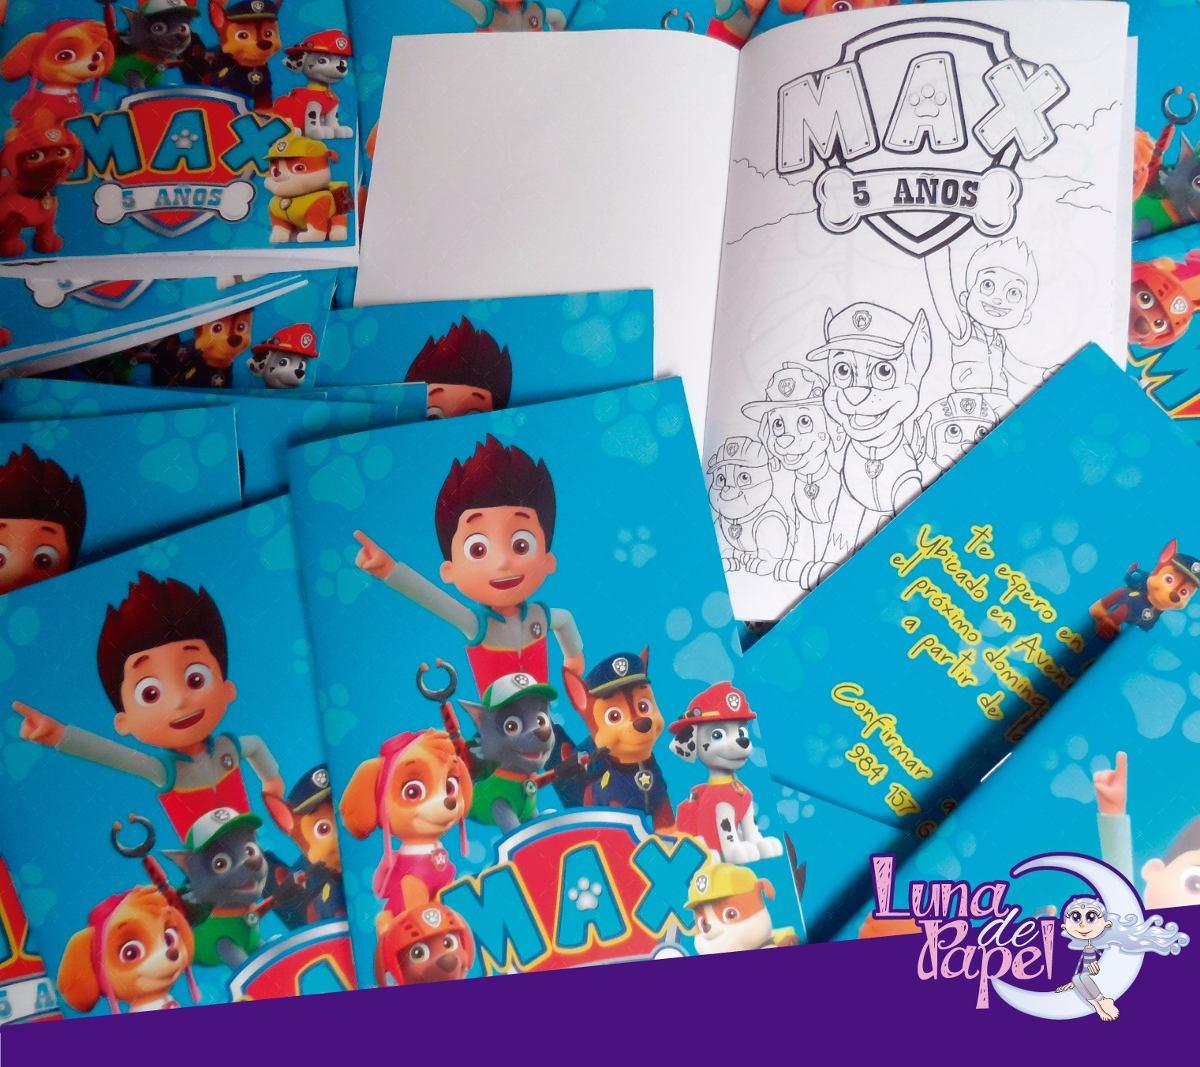 Dorable Impresión De Libro De Colorear Personalizado Foto - Dibujos ...